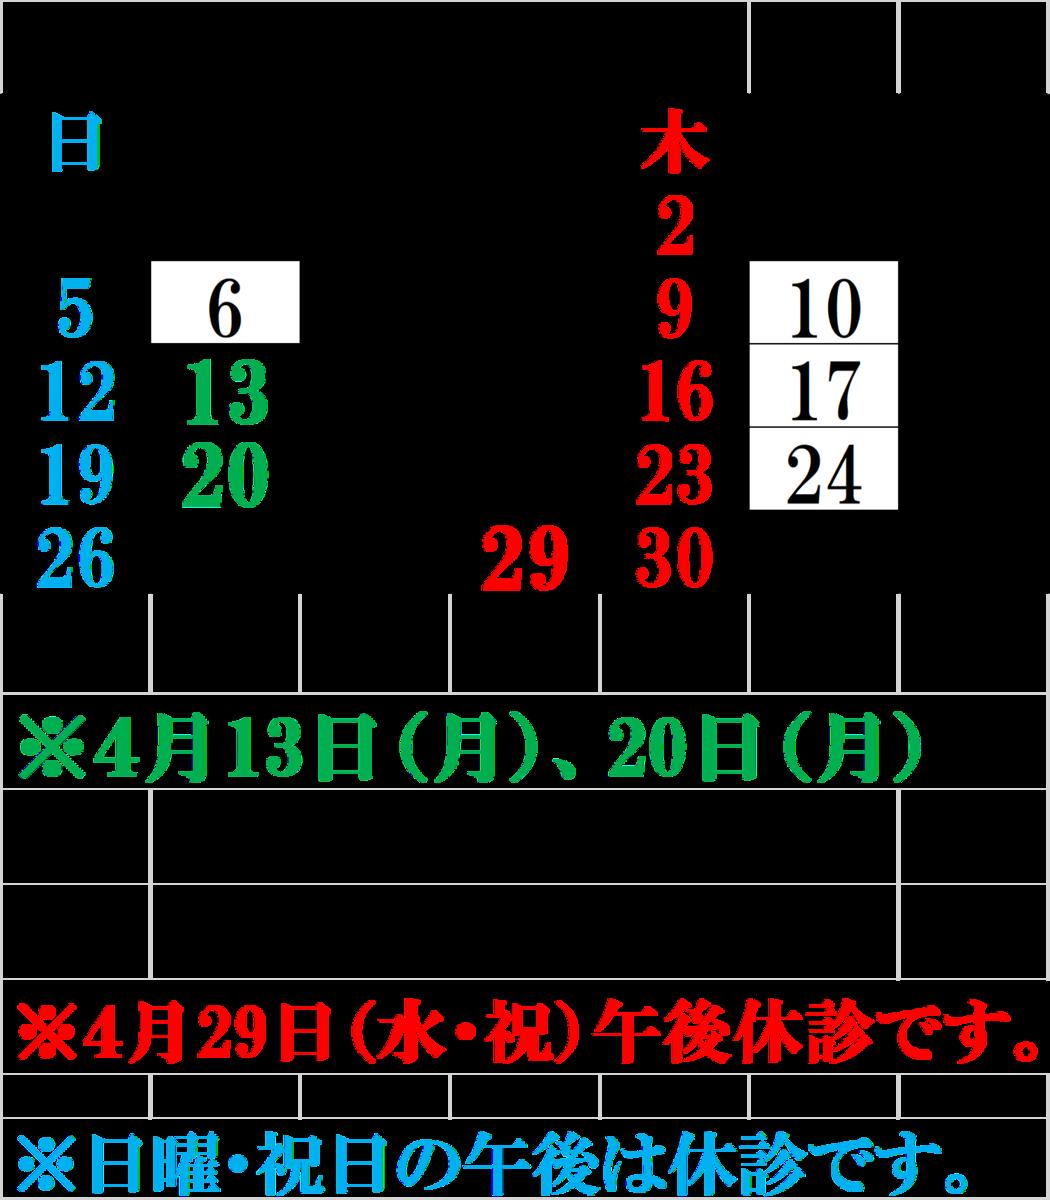 f:id:kinase_ah:20200401095350p:plain